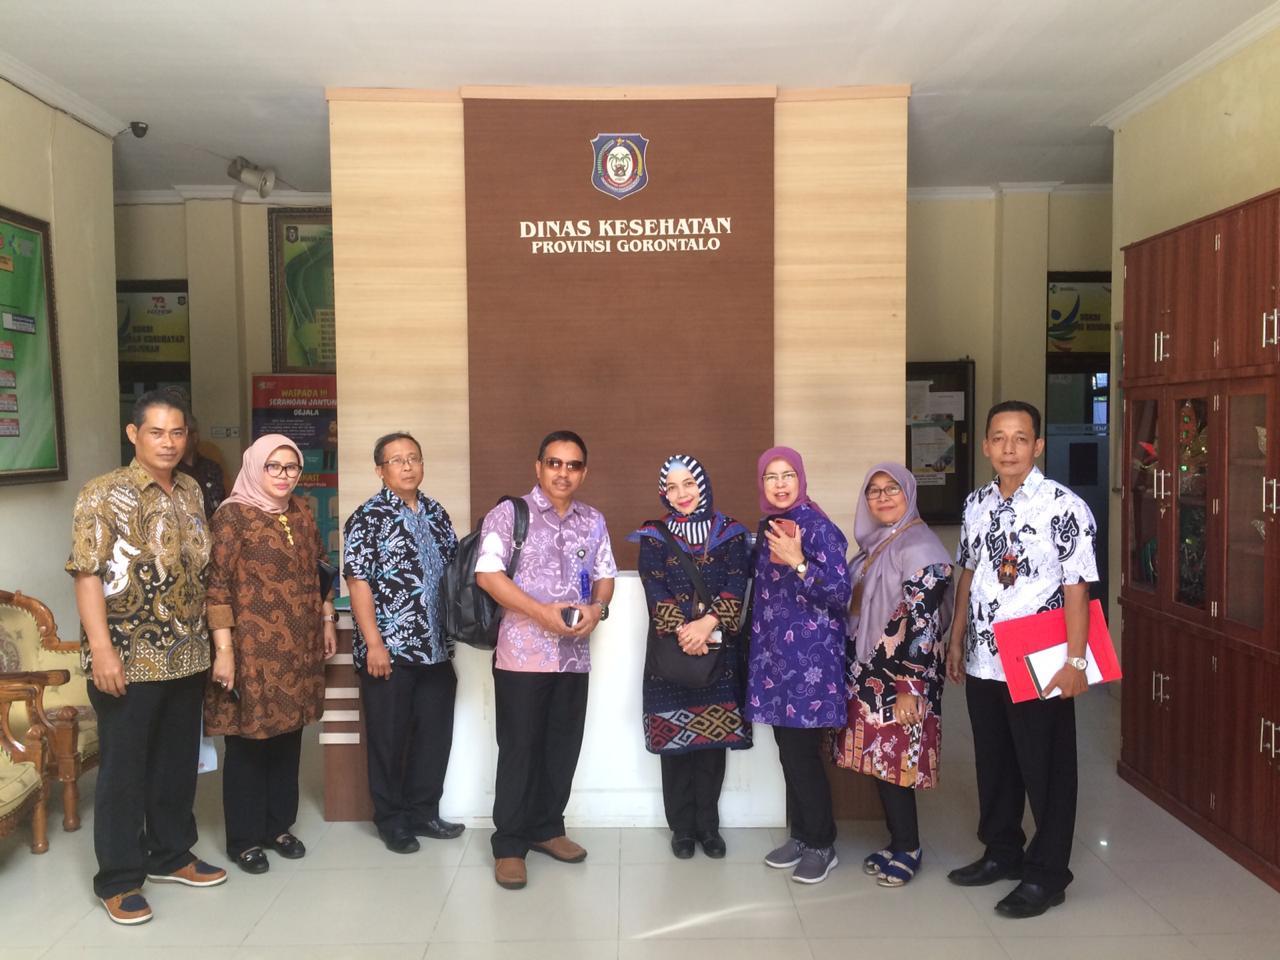 Preview Bagian Hukum mengikuti kegiatan kaji banding ke Dinas Kesehatan Provinsi Gorontalo bersama DPRD Kota Bandung, 25 Juni 2019